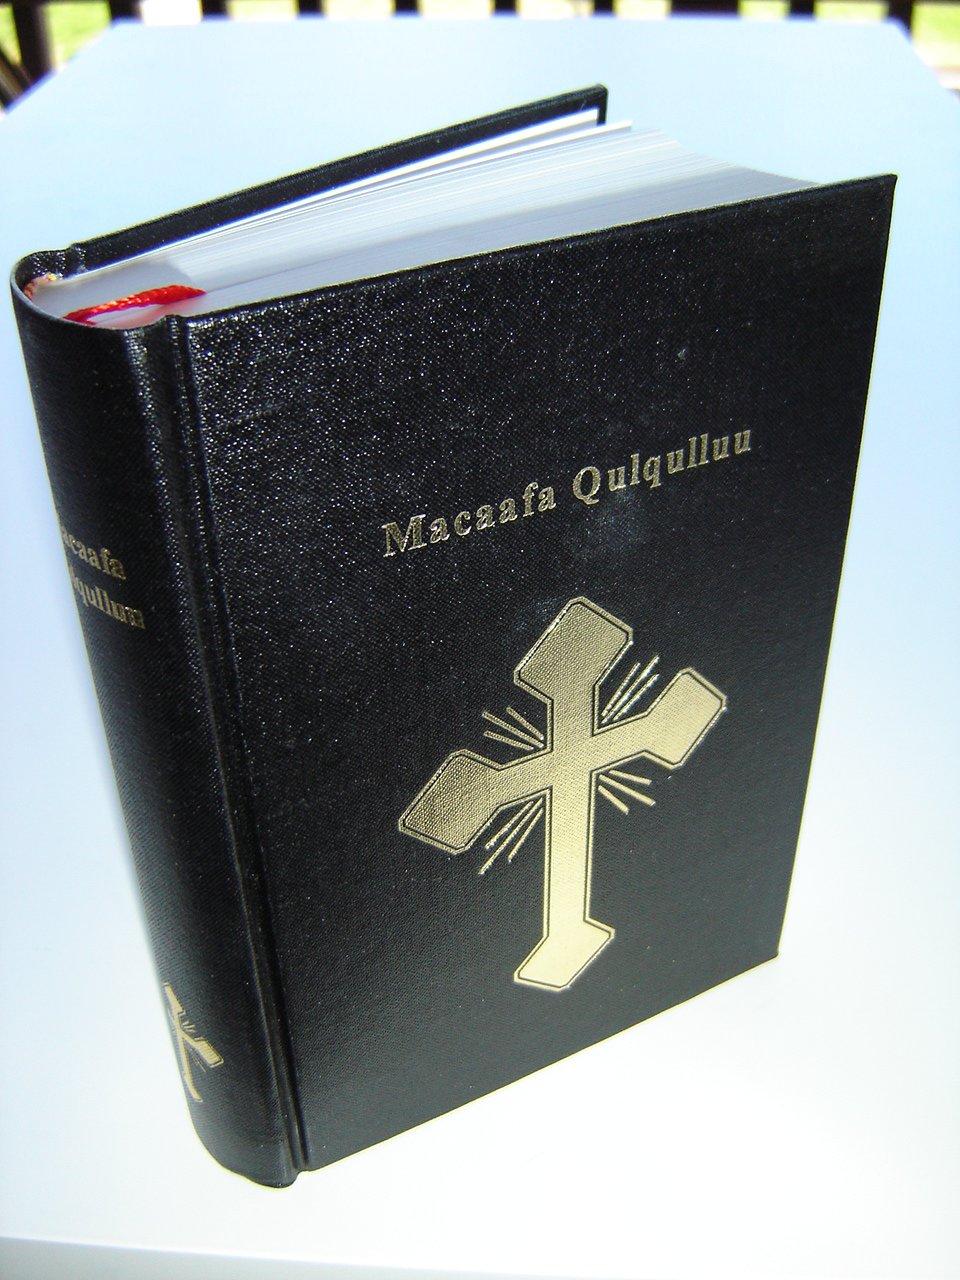 Bible in Oromo Language / Macaafa Qulqulluu / Affan Oromoo